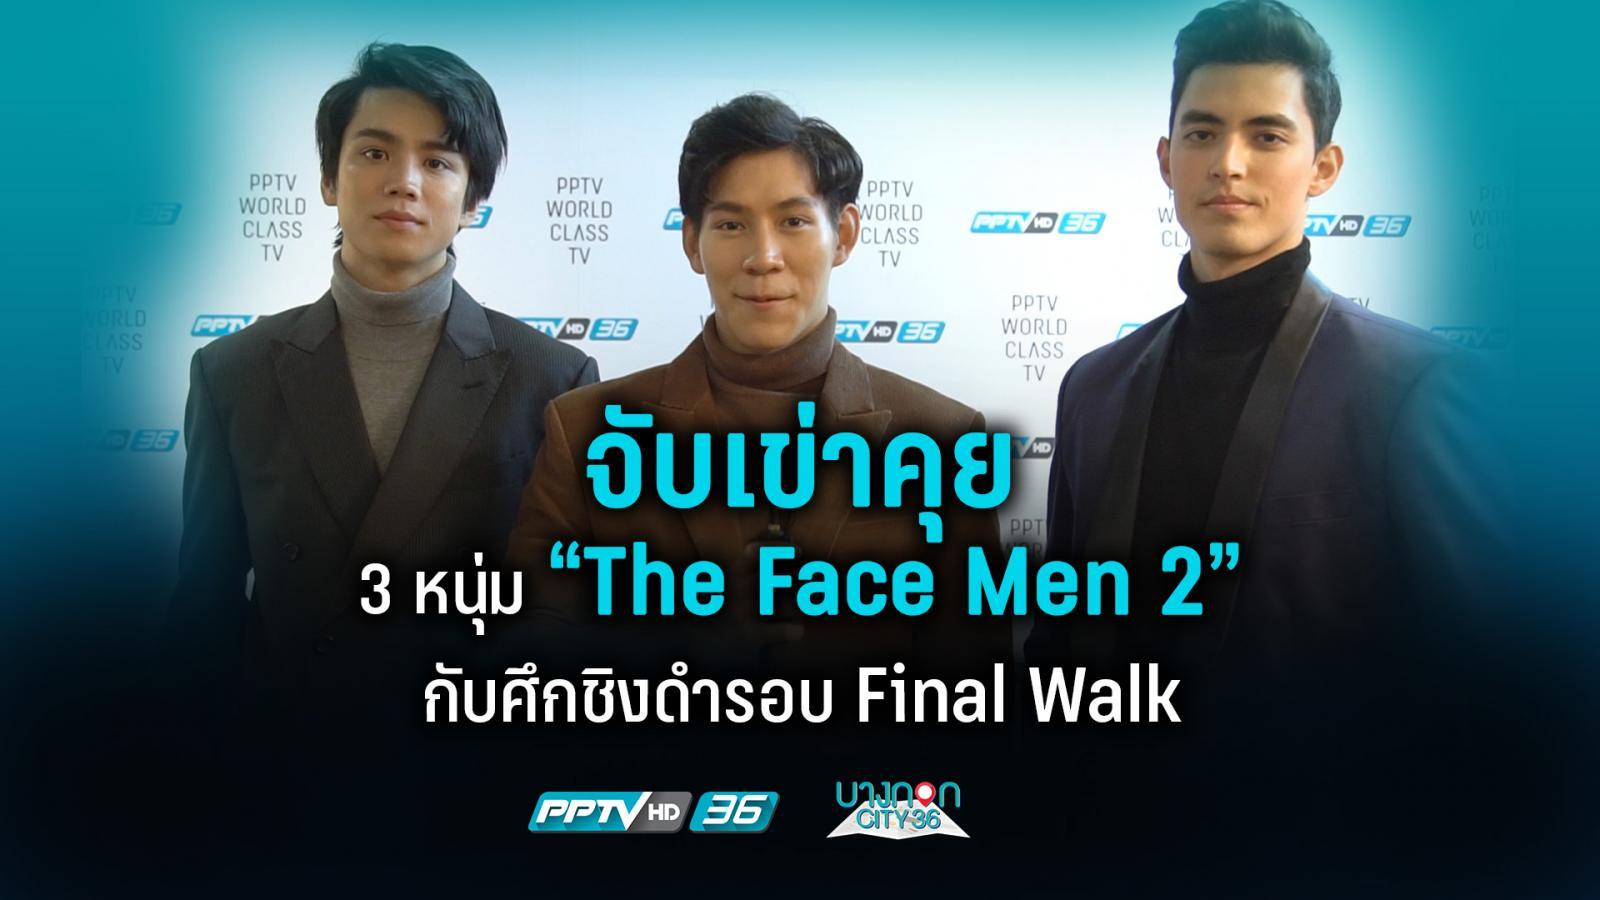 """จับเข่าคุย 3 หนุ่ม """"The Face Men 2"""" กับศึกชิงดำรอบ Final Walk"""